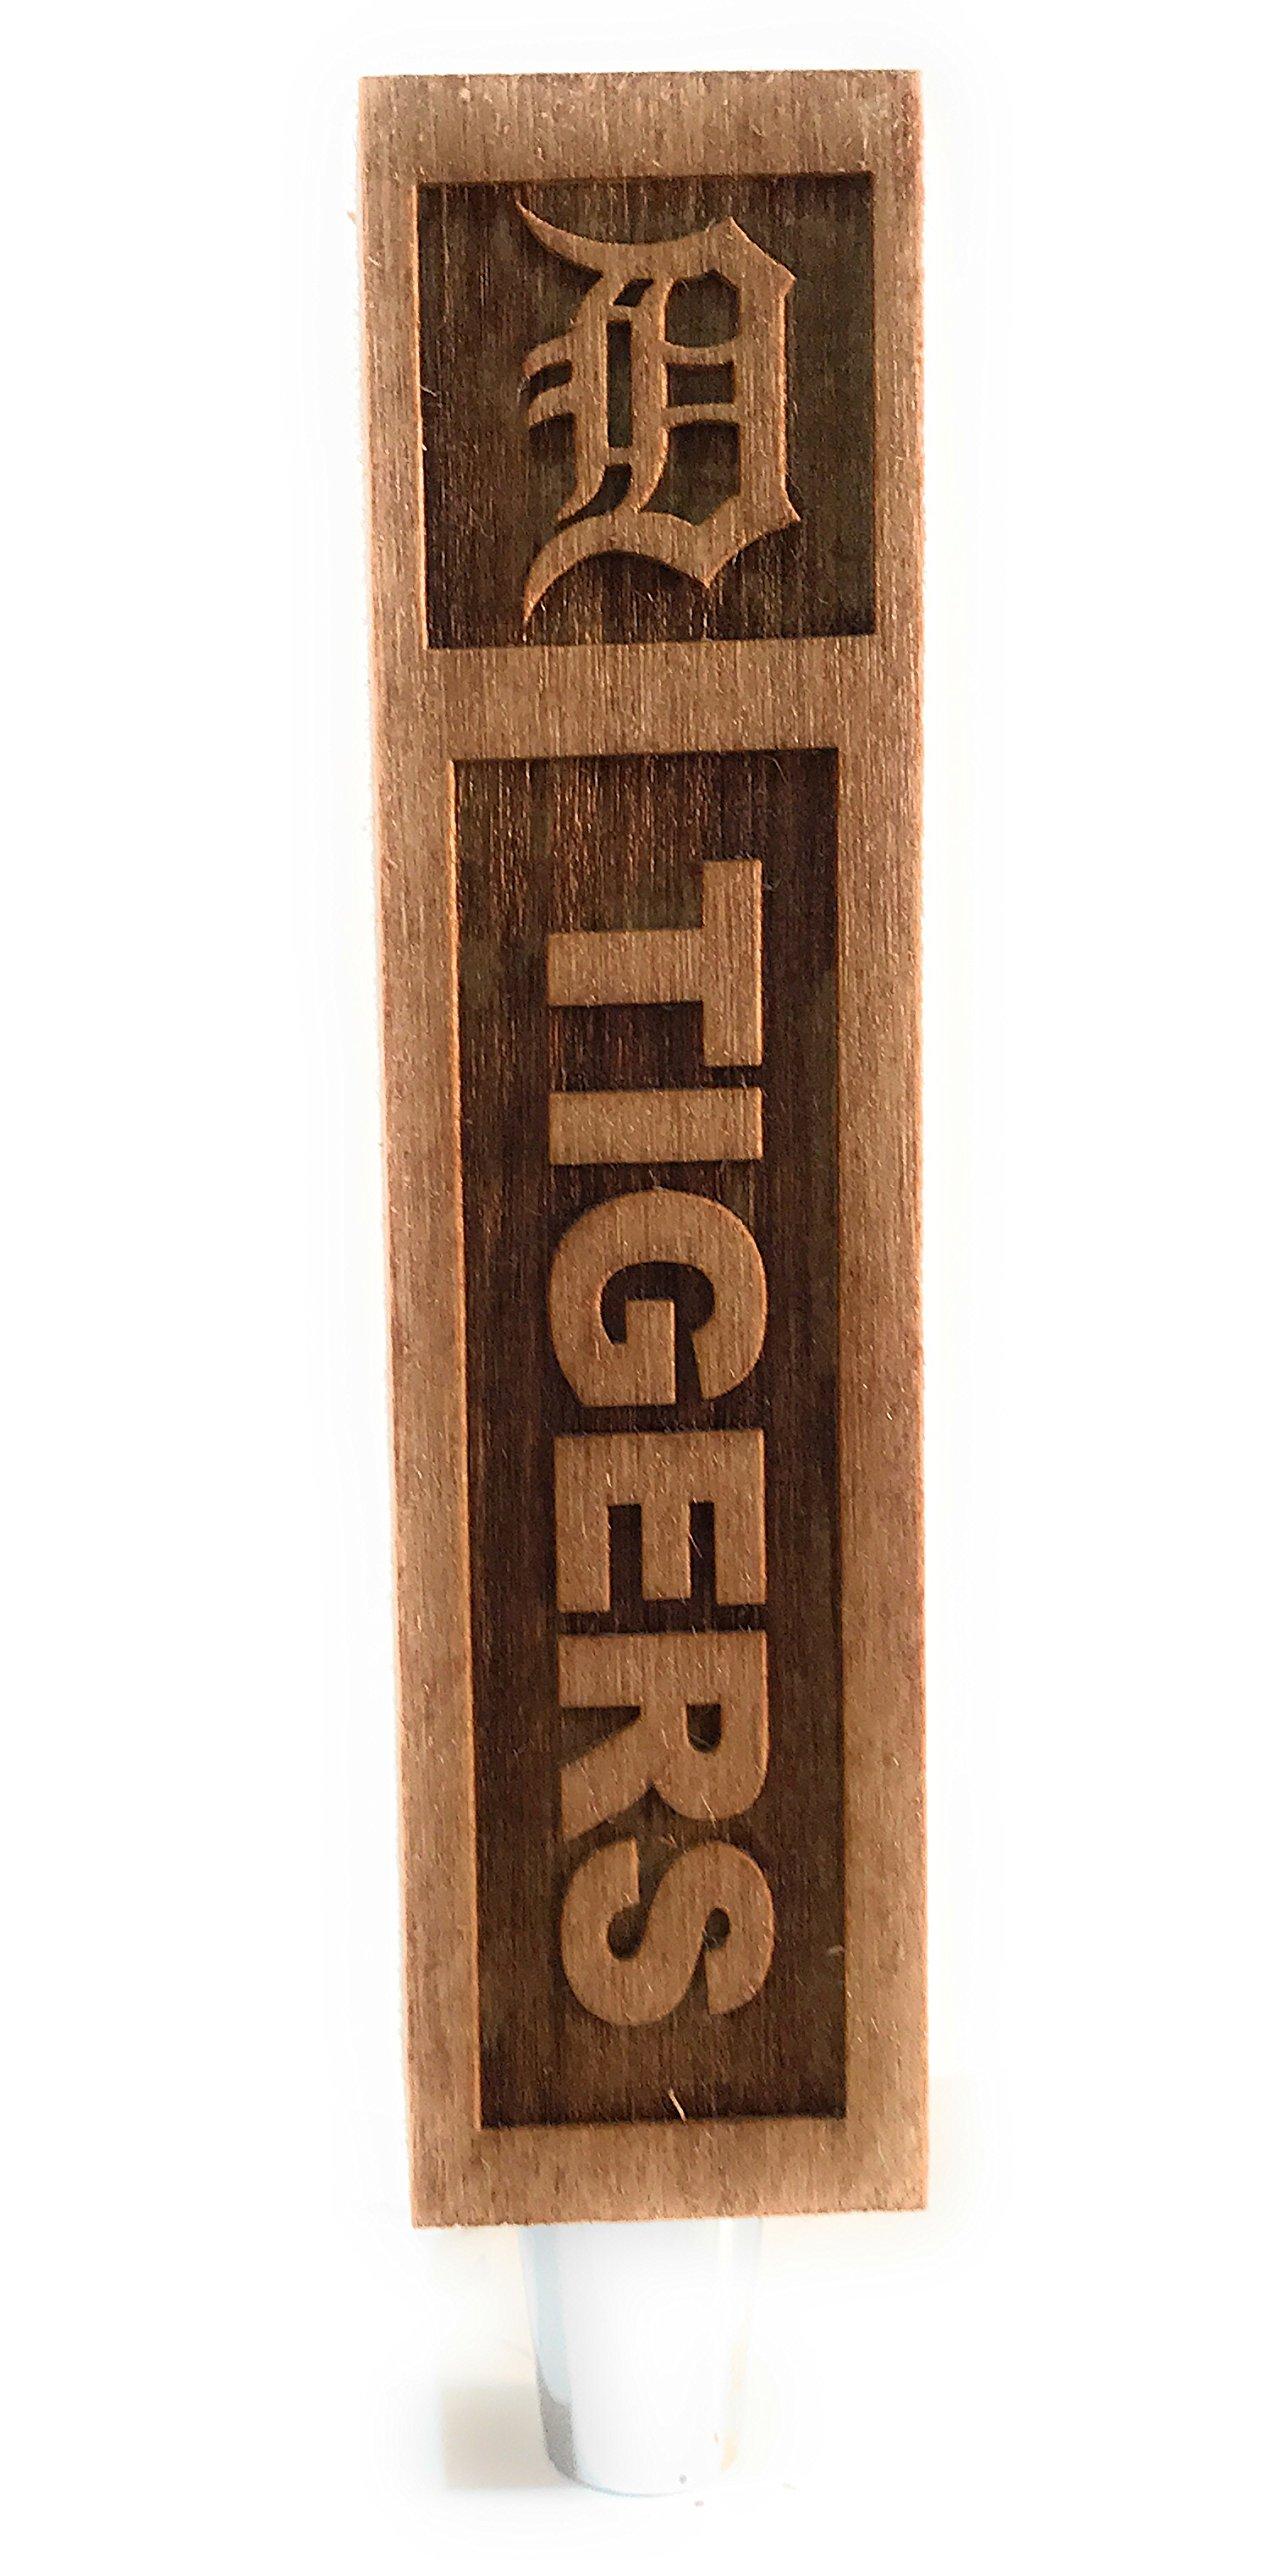 Detroit Tigers Engraved Beer Tap Handles